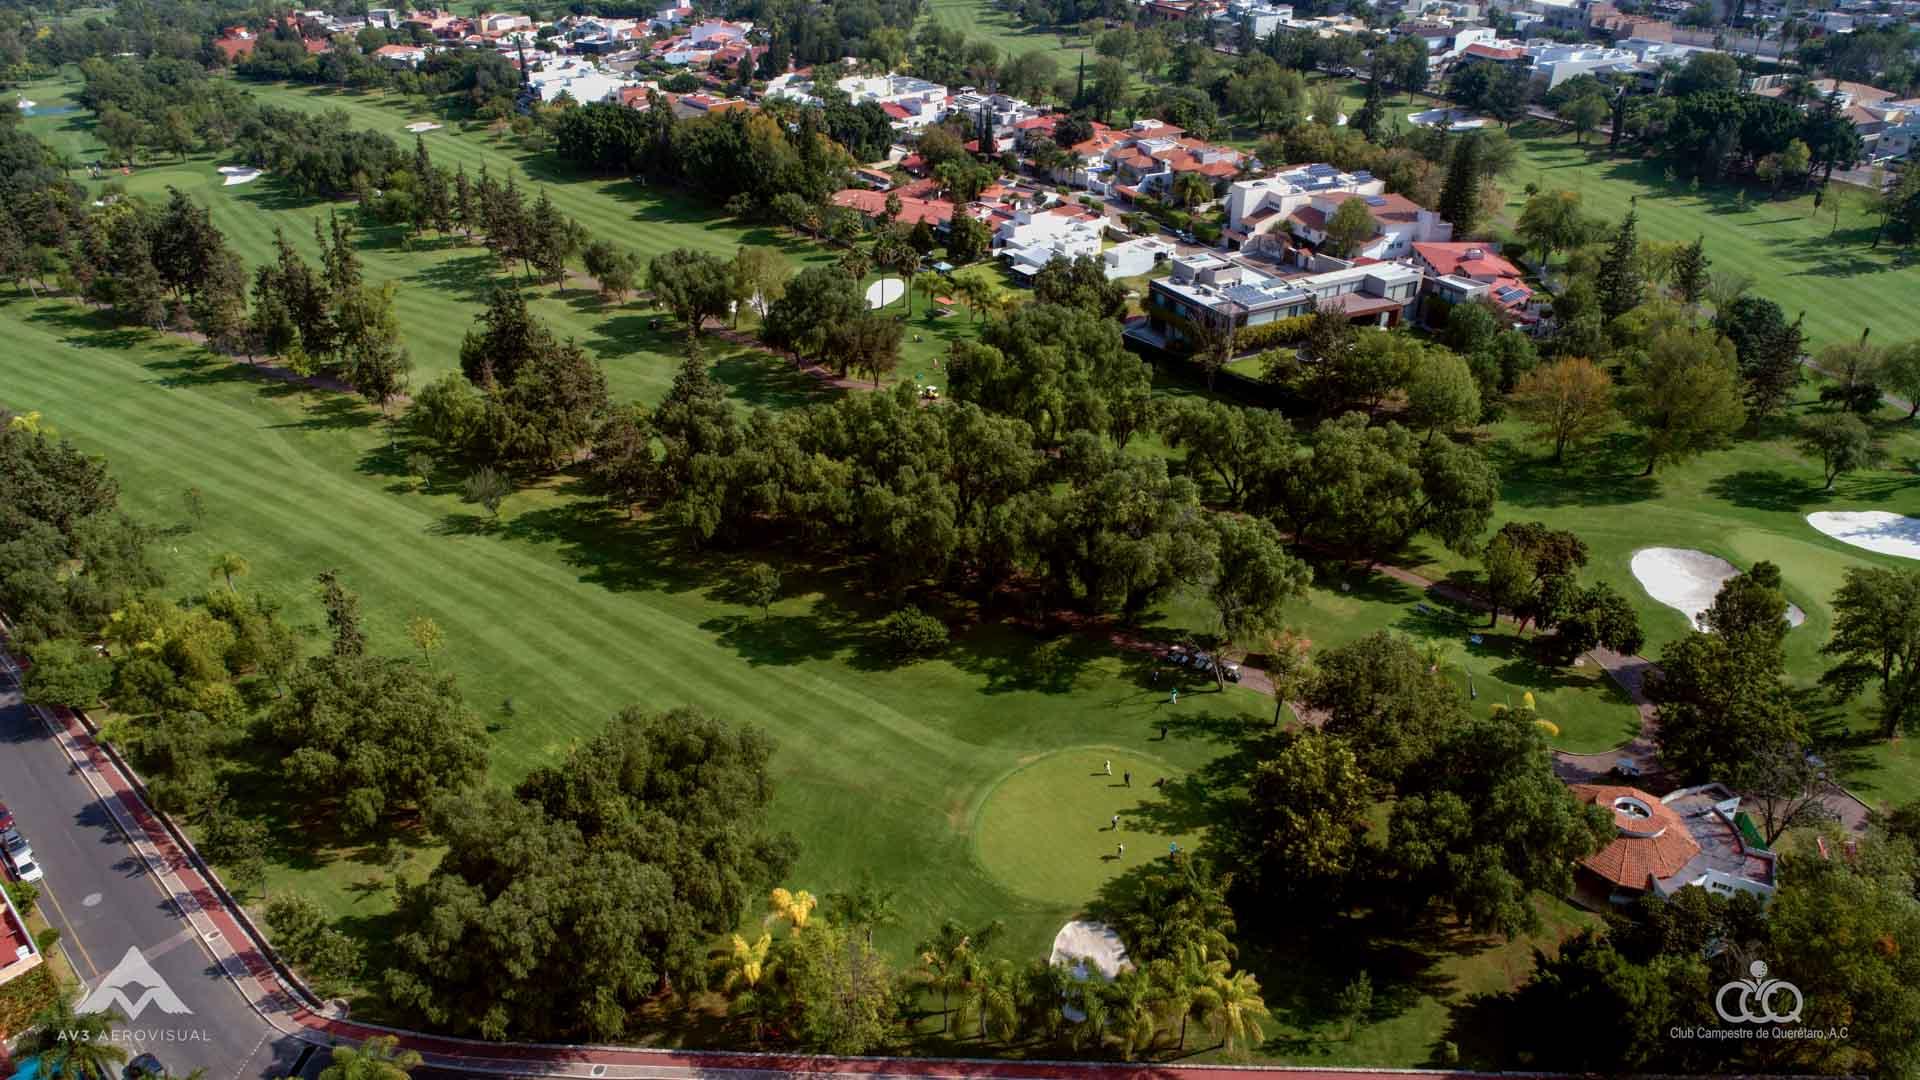 club campestre queretaro golf fotografia video aereo